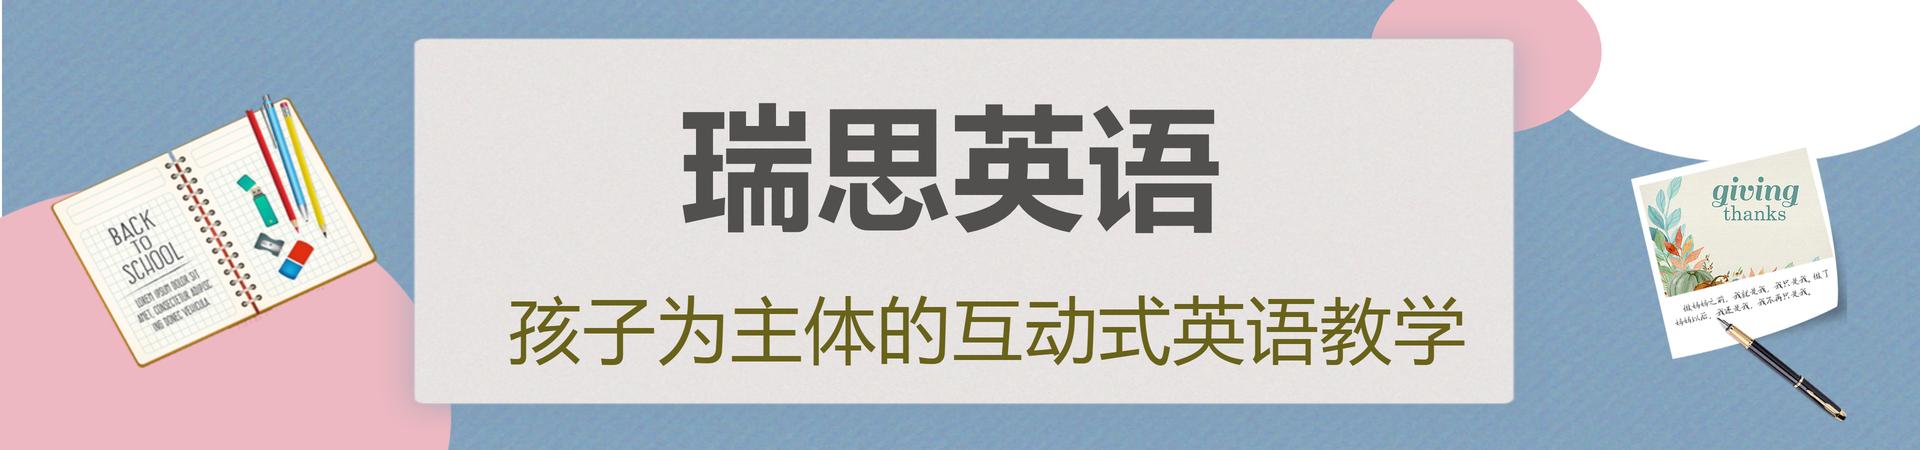 重庆观音桥中心瑞思英语培训